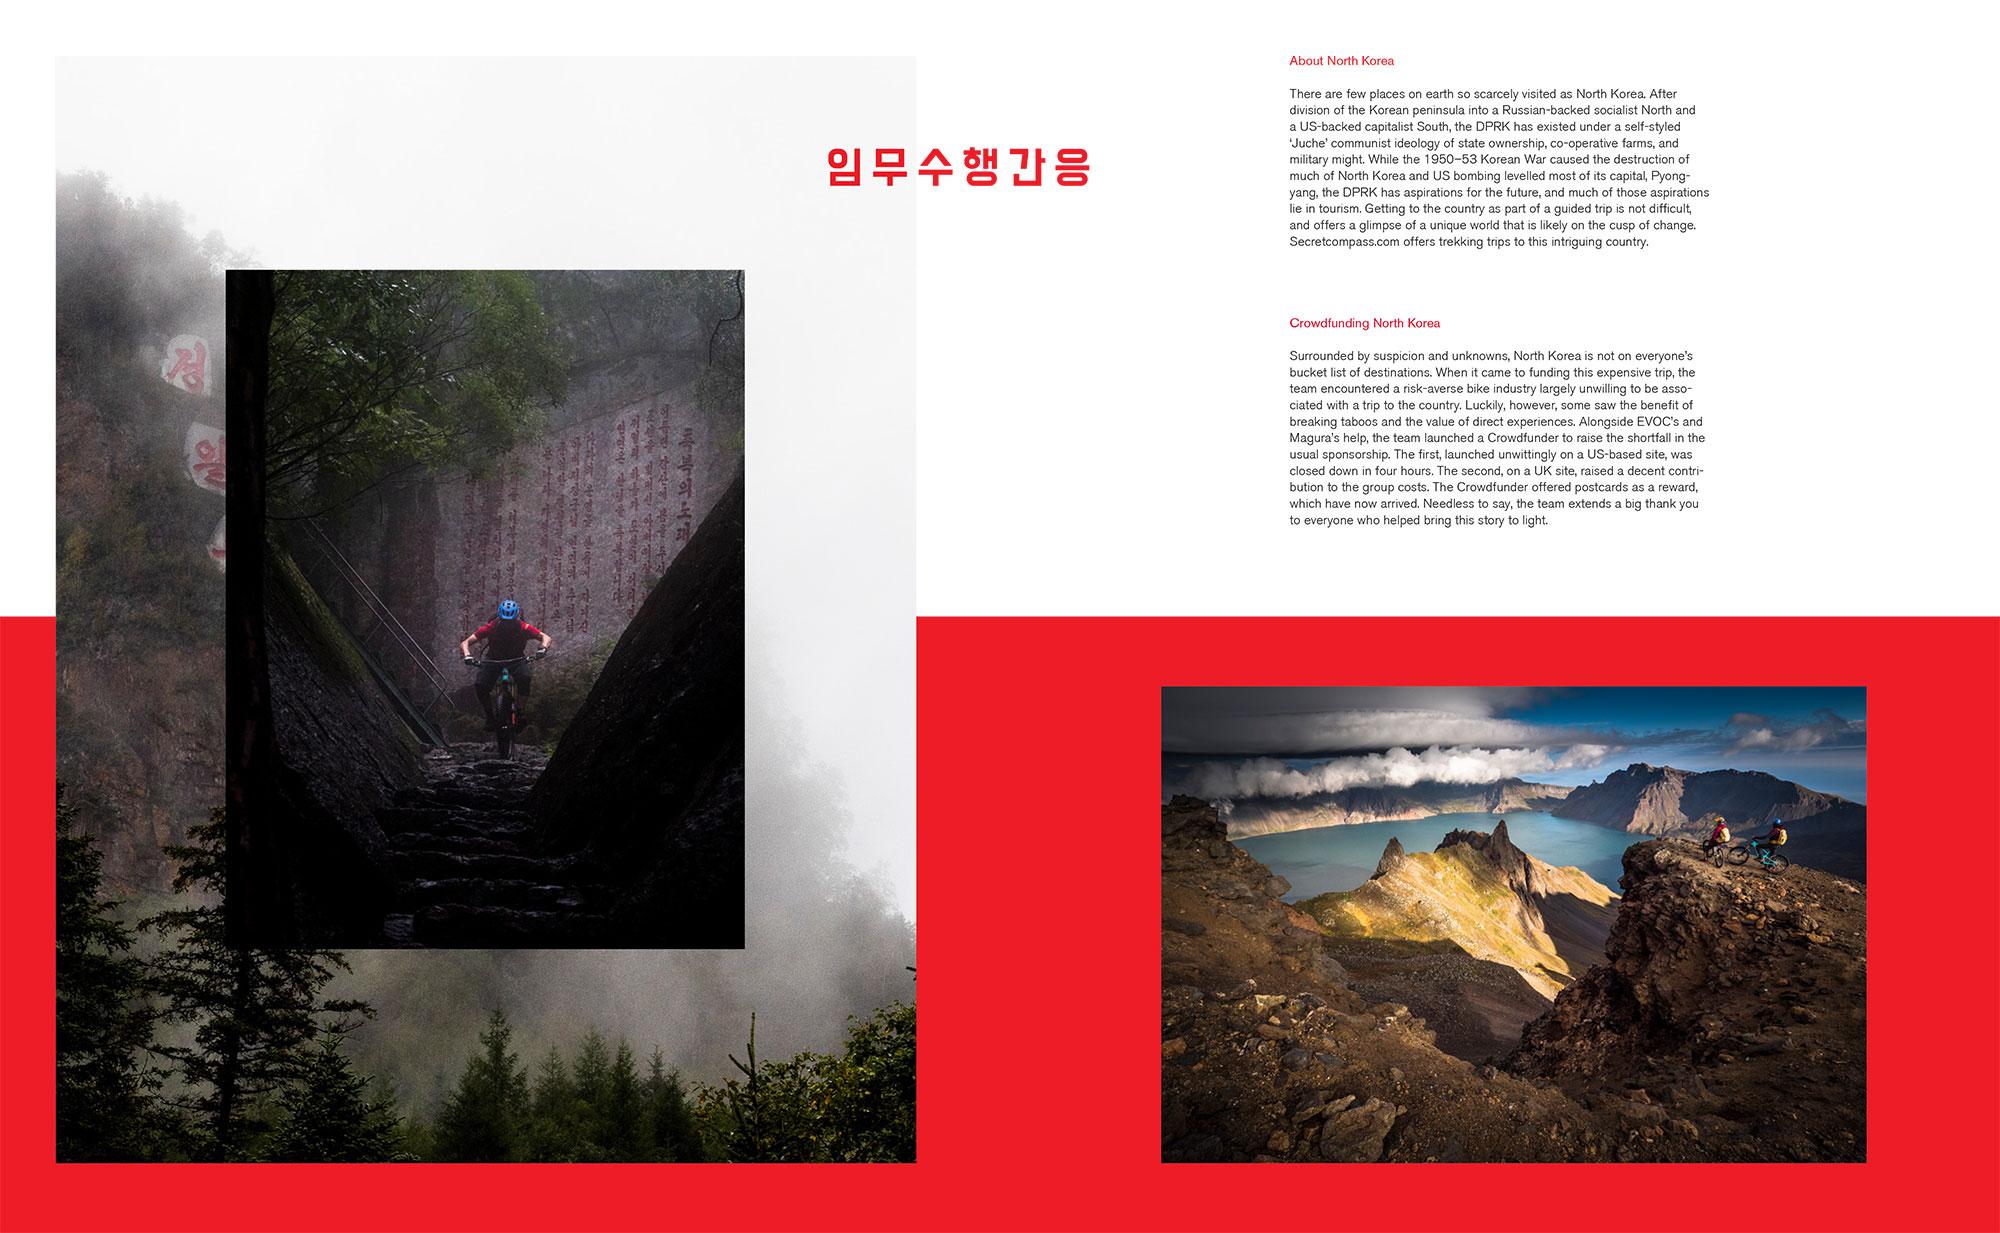 Spoke_76_NorthKorea-4.jpg